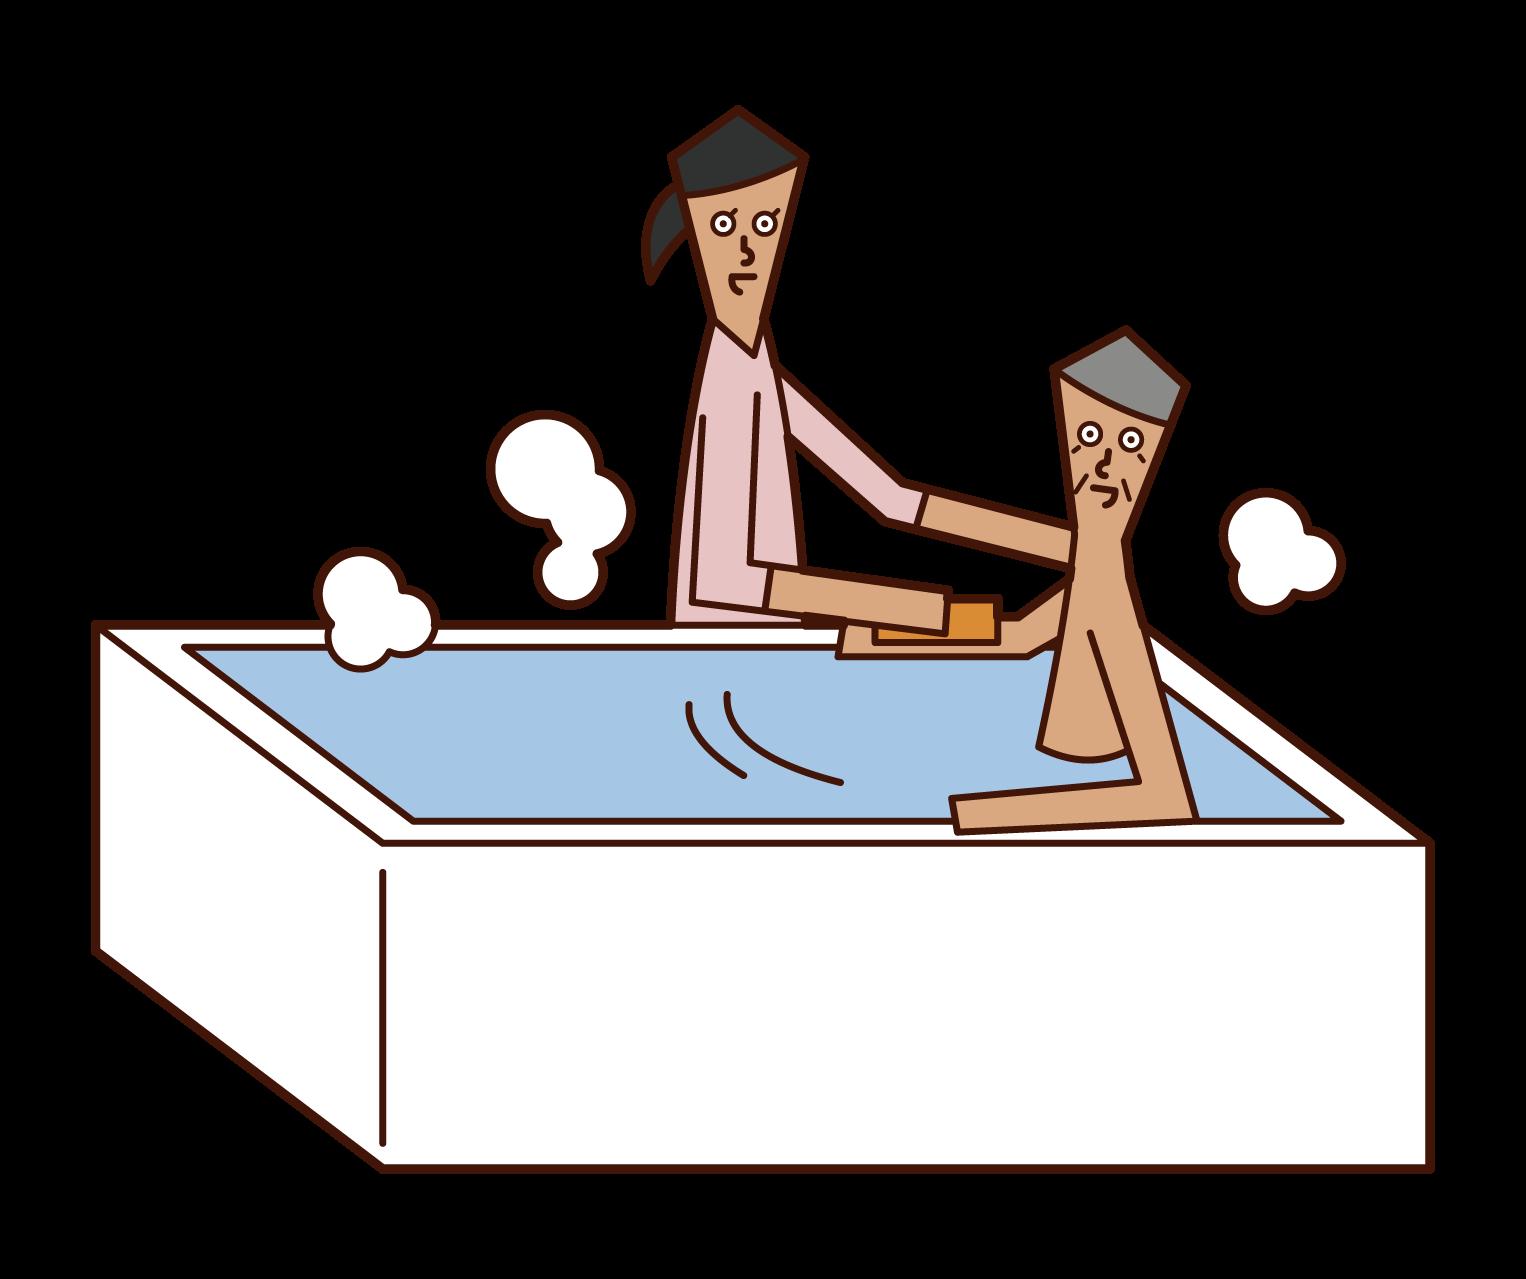 家庭傭工(婦女)的插圖,説明洗澡